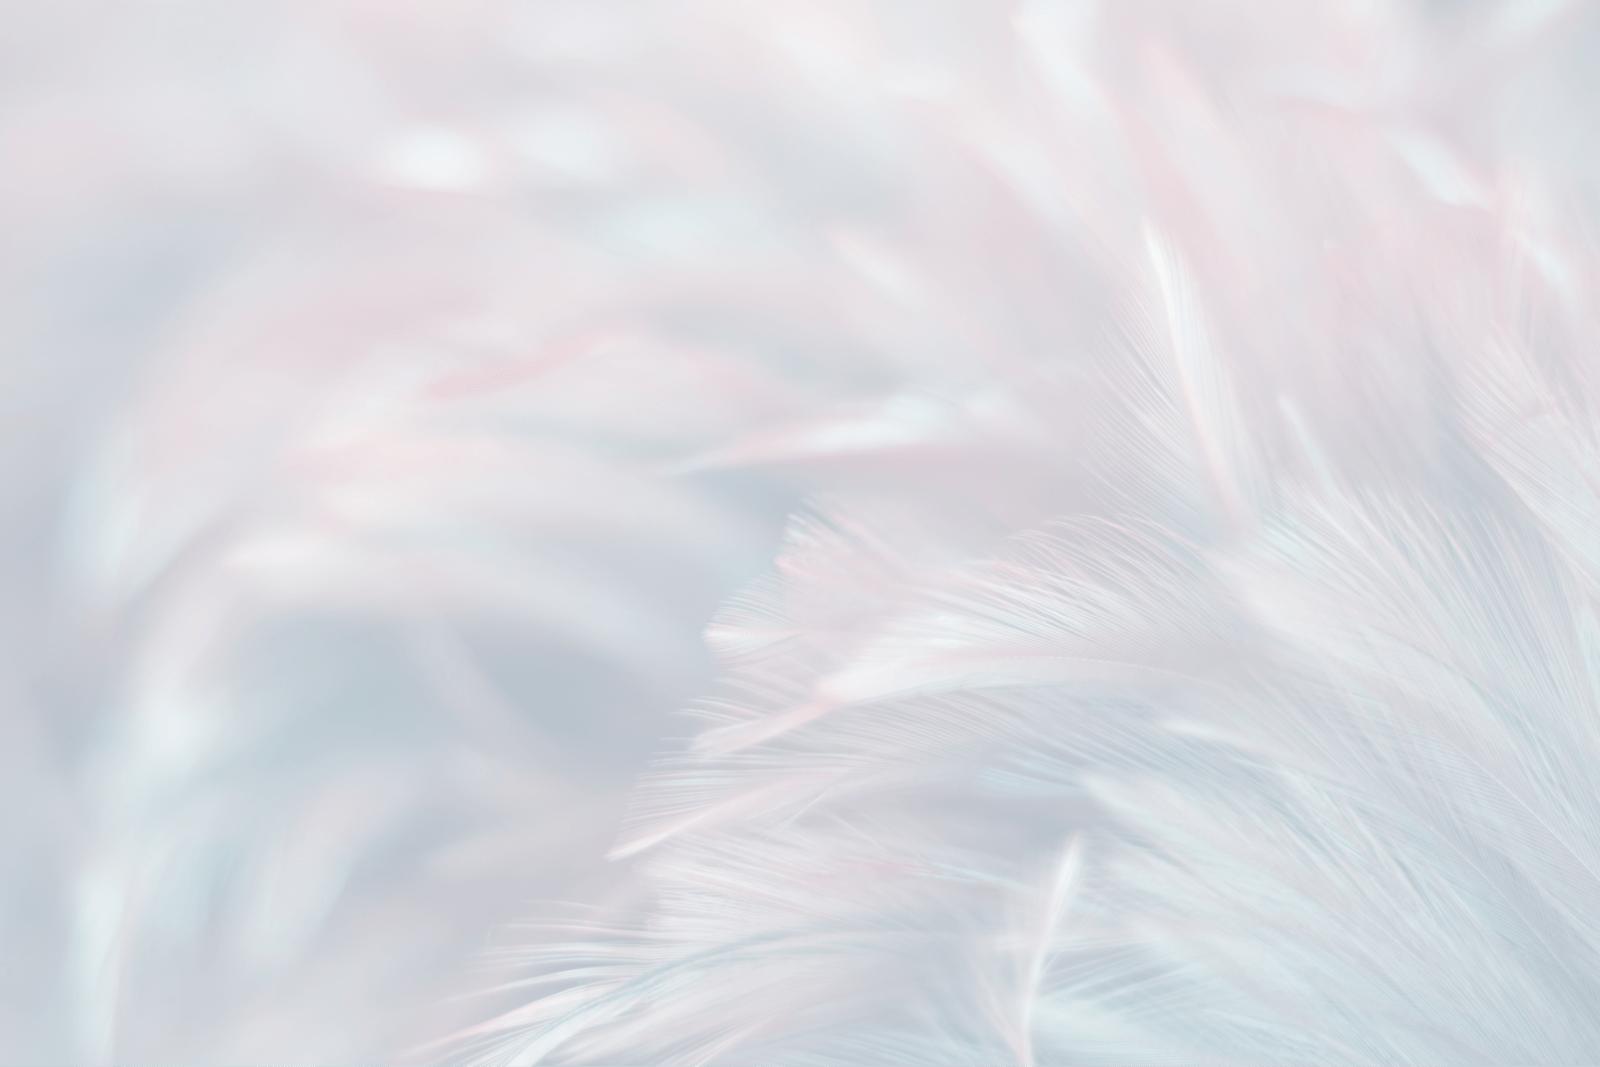 クローズアップされた鳥の羽